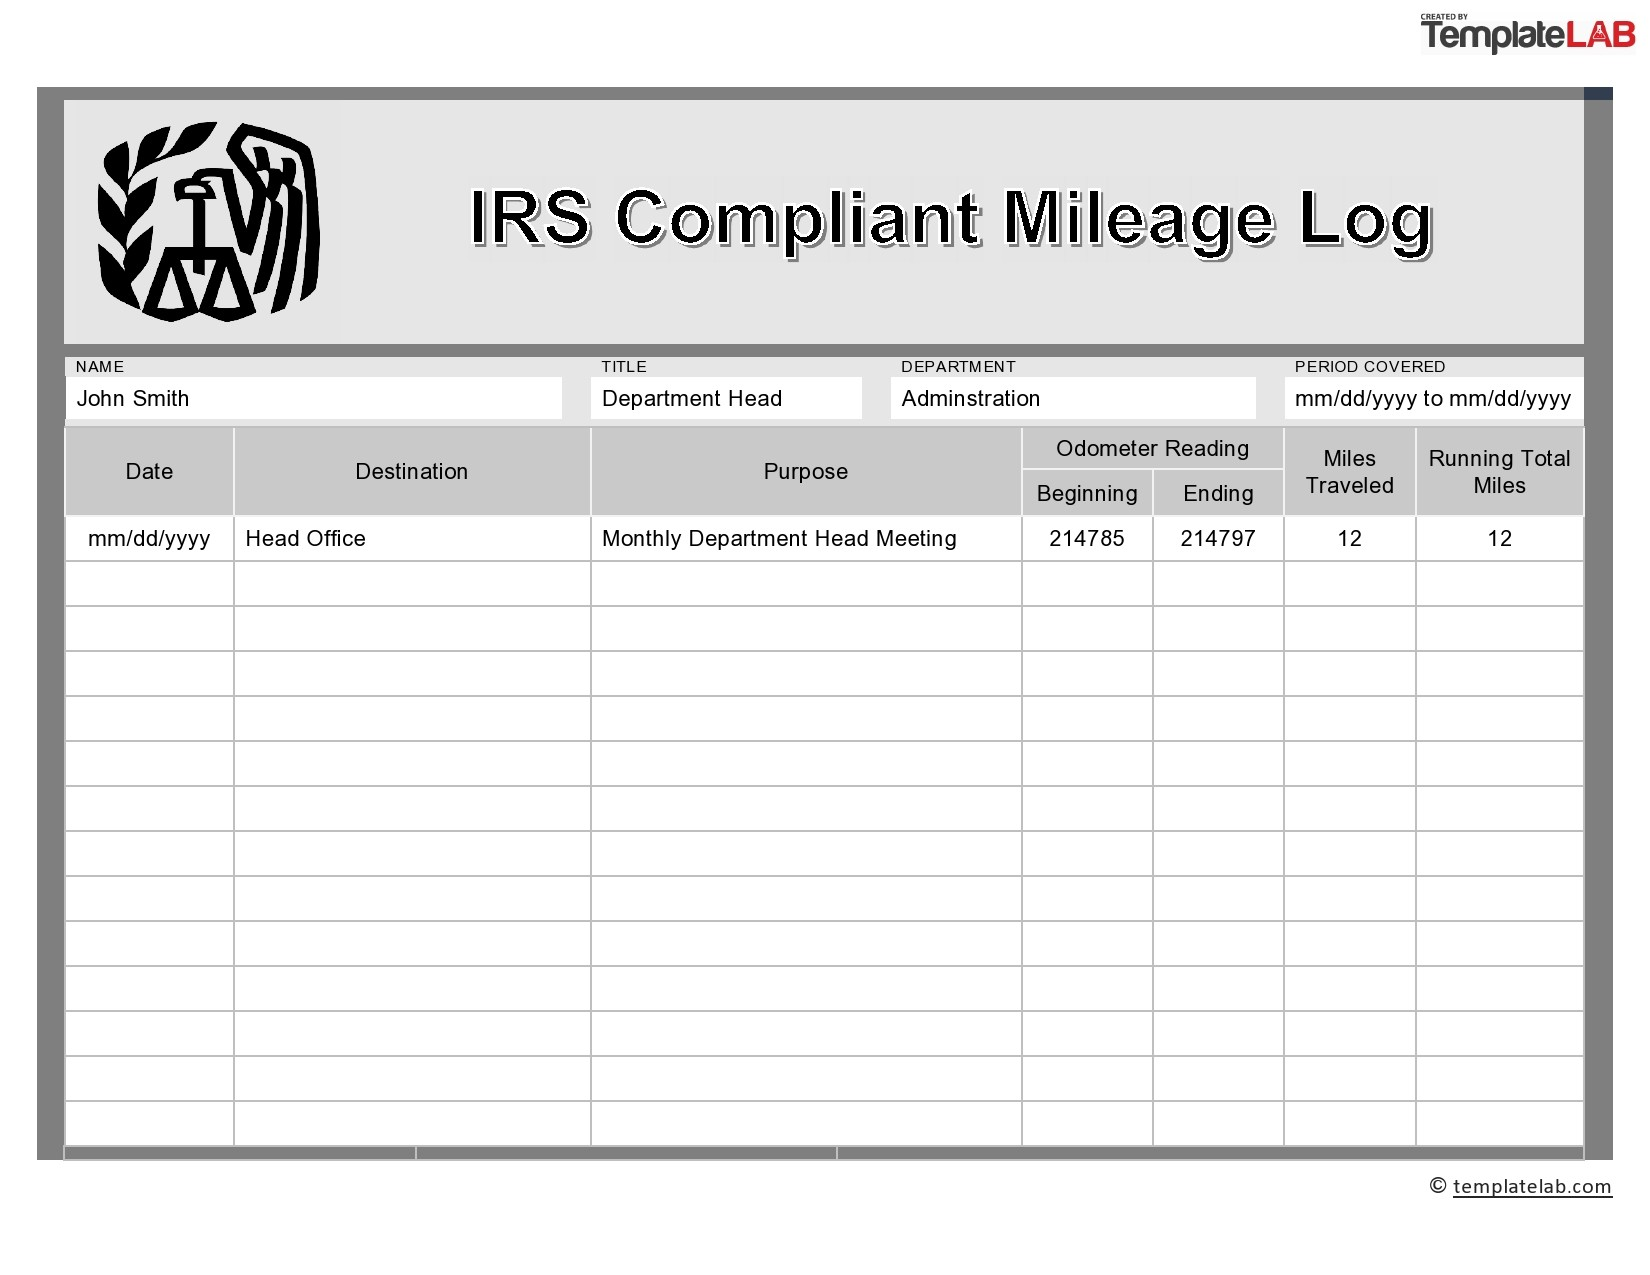 31 Printable Mileage Log Templates Free Templatelab